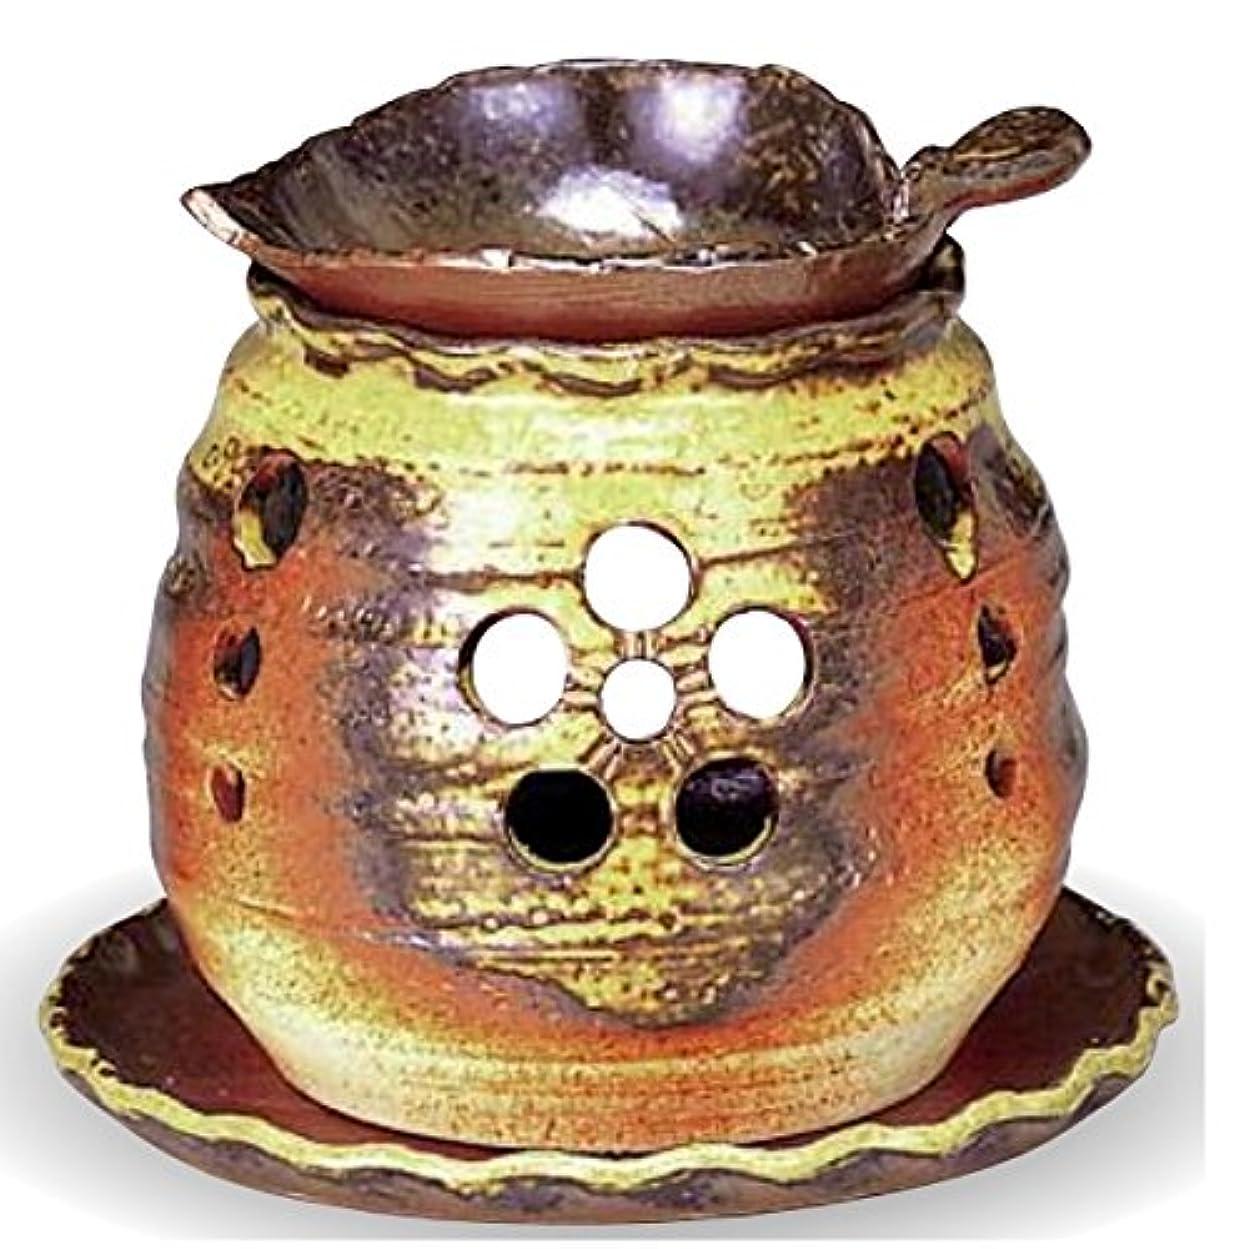 振動する繁栄部分的に常滑焼 茶香炉(アロマポット)木ノ葉皿 径10×高さ10.5cm